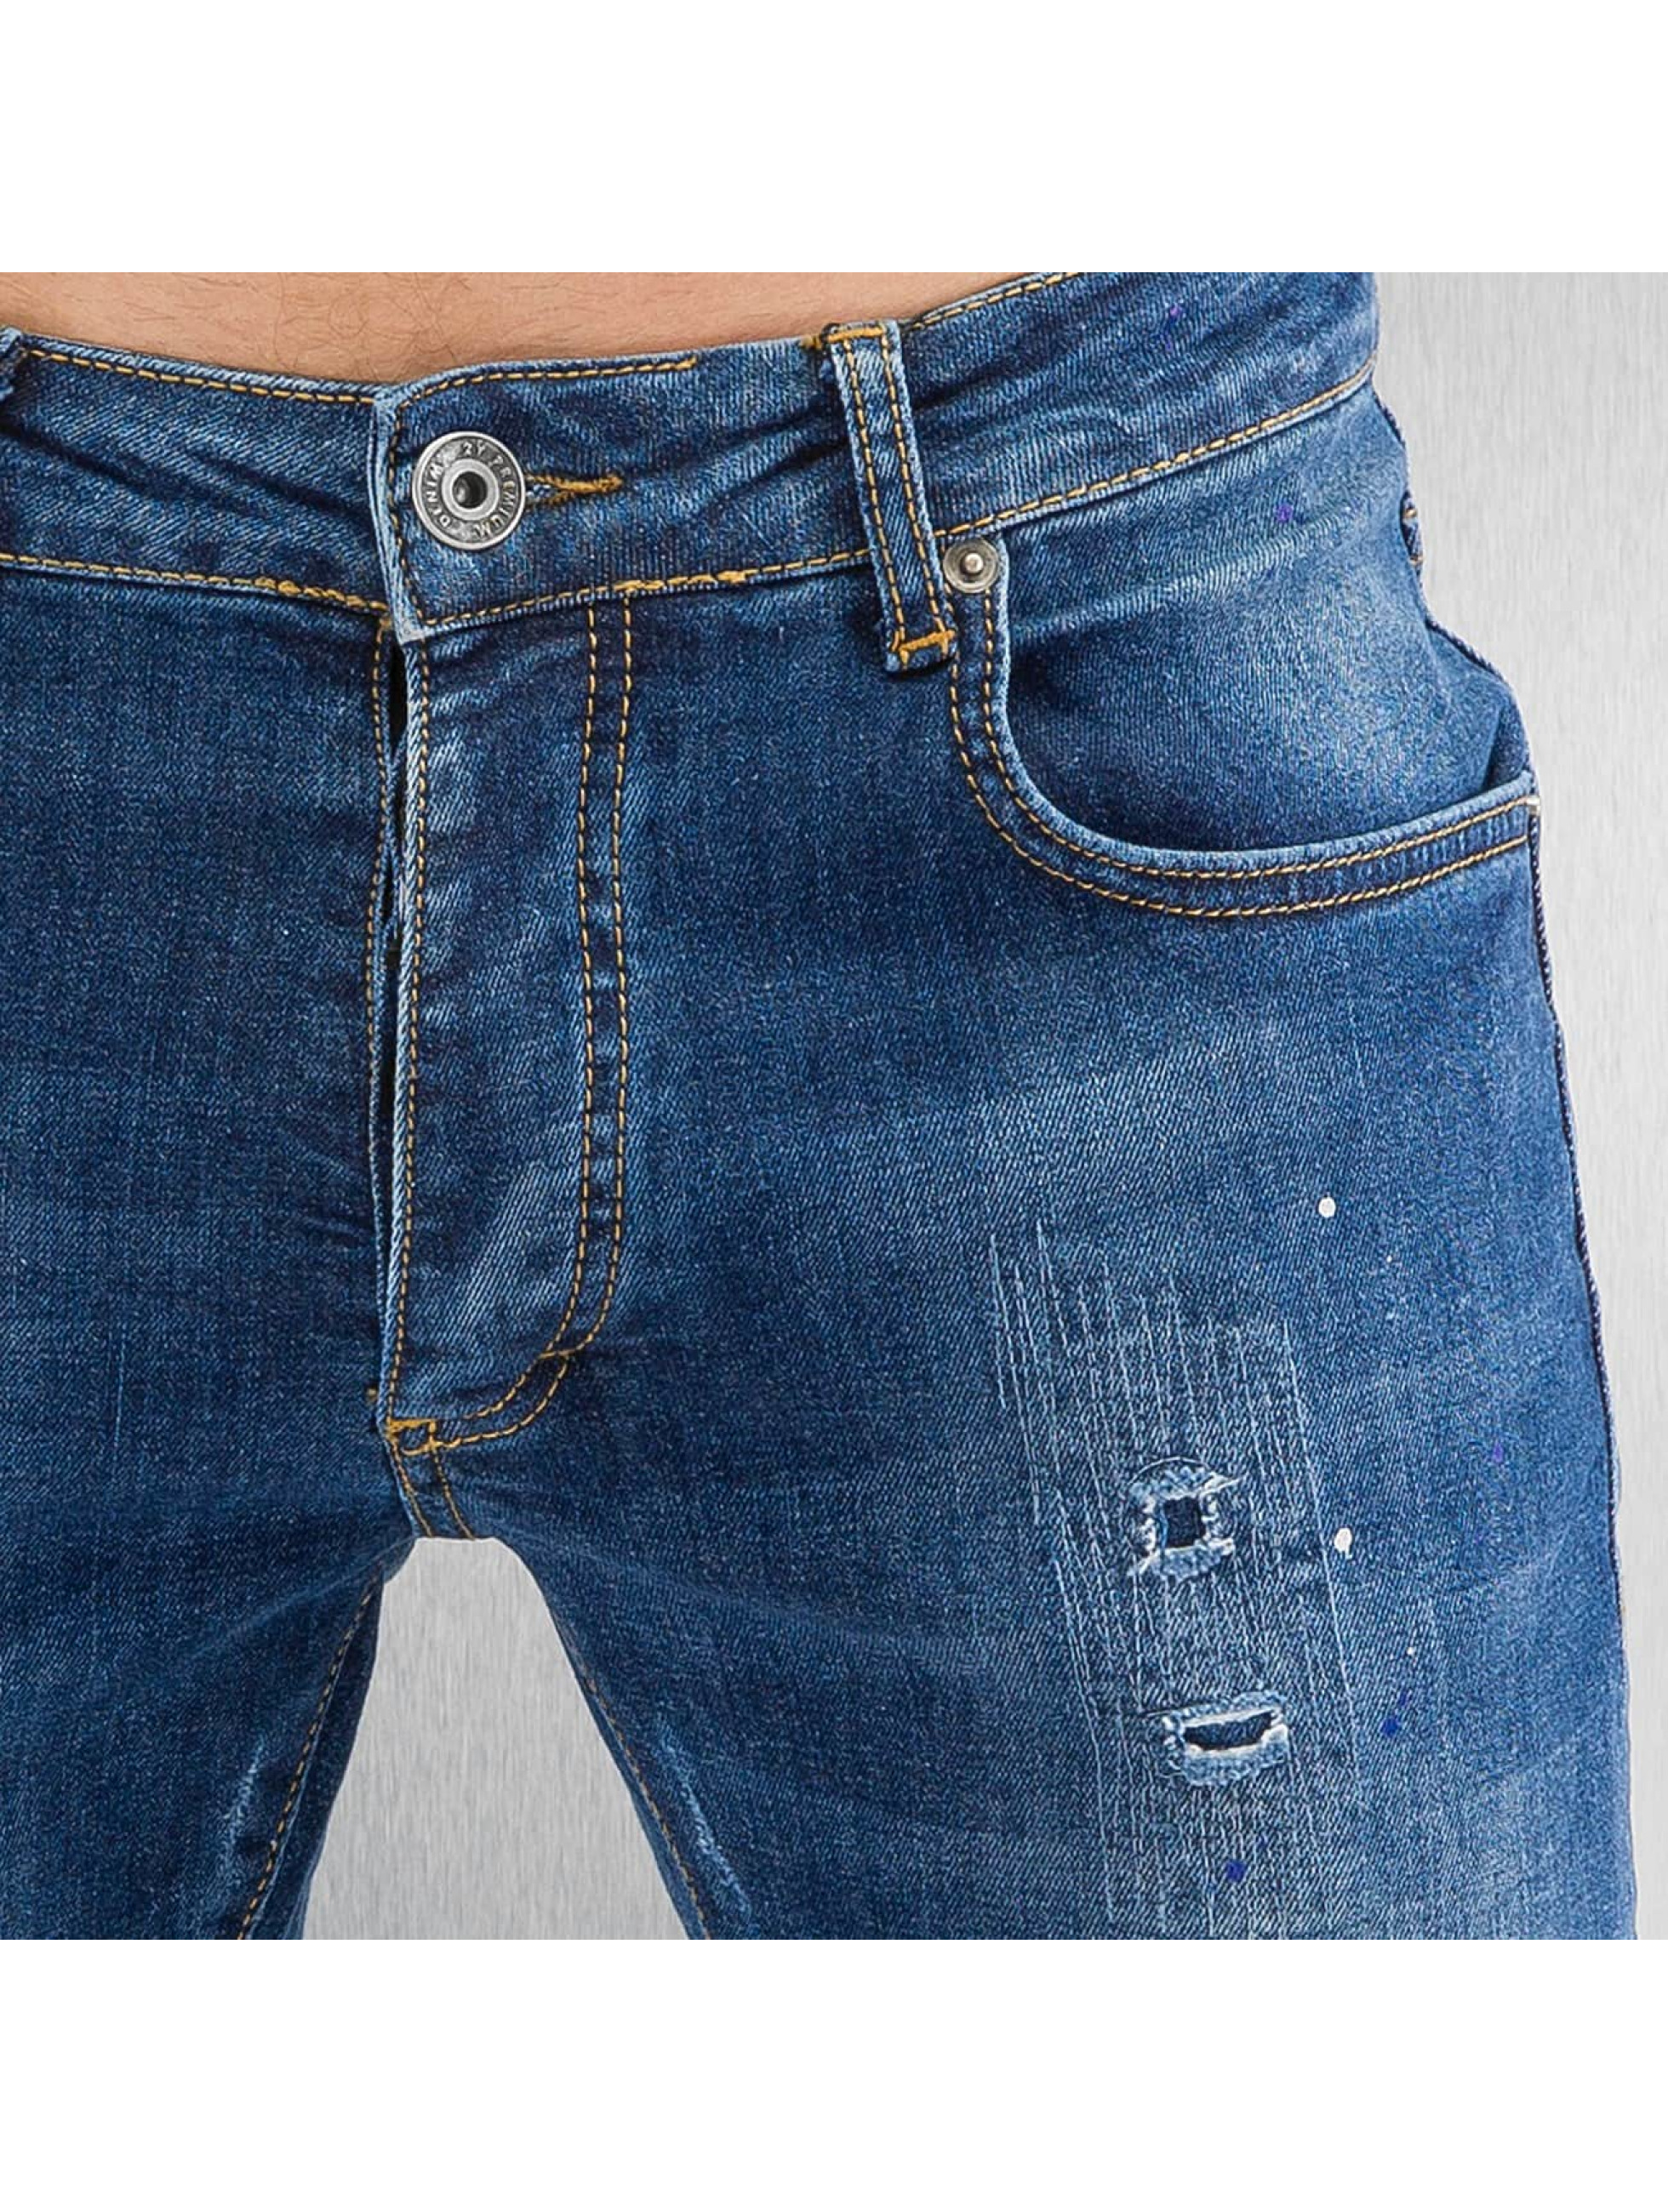 2Y Skinny Jeans Worn blue